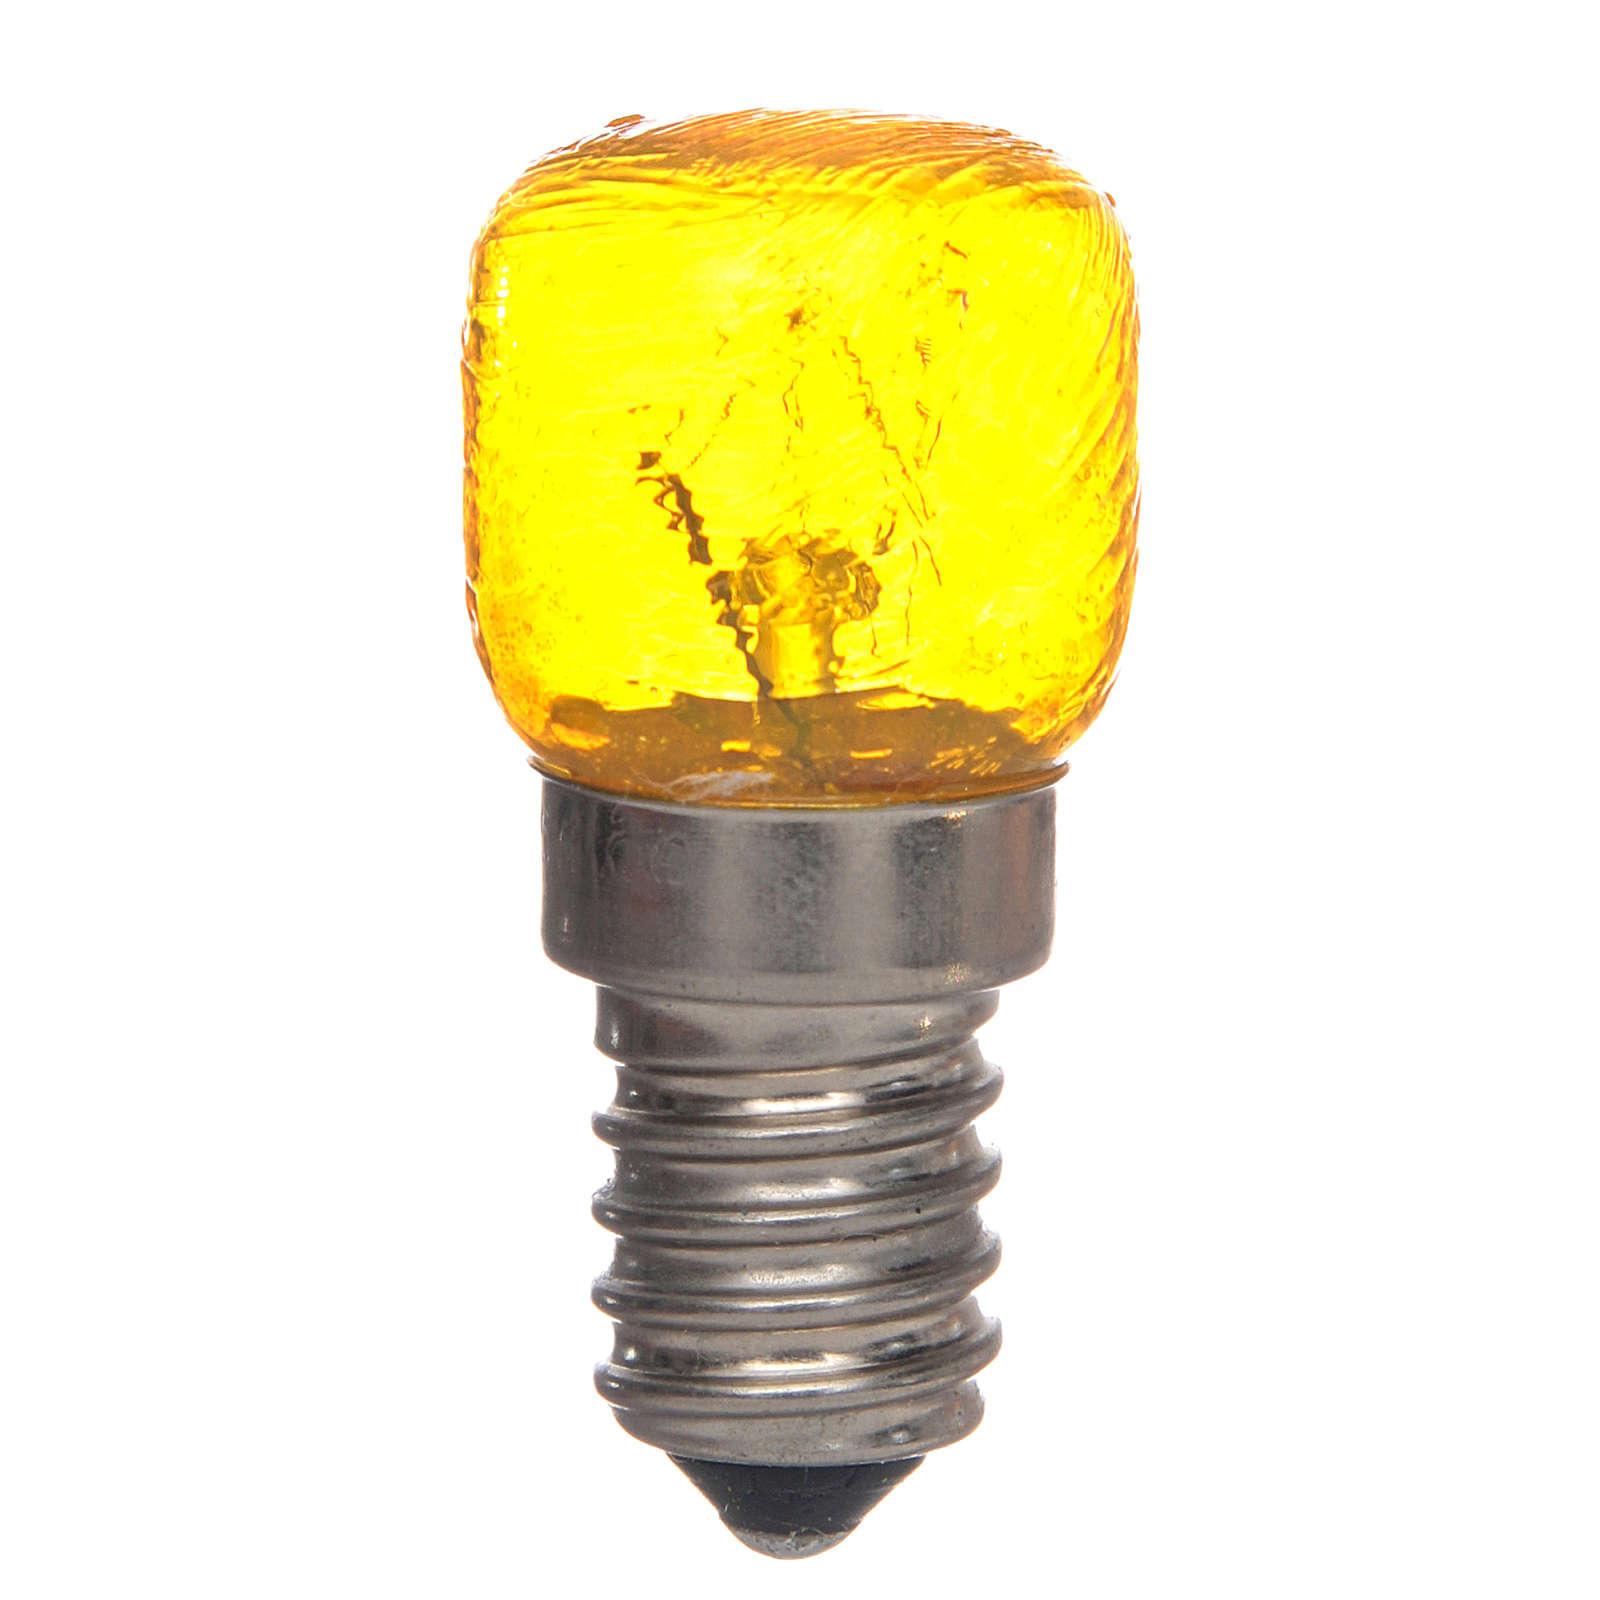 Ampoule E14 jaune 15w 220v 4